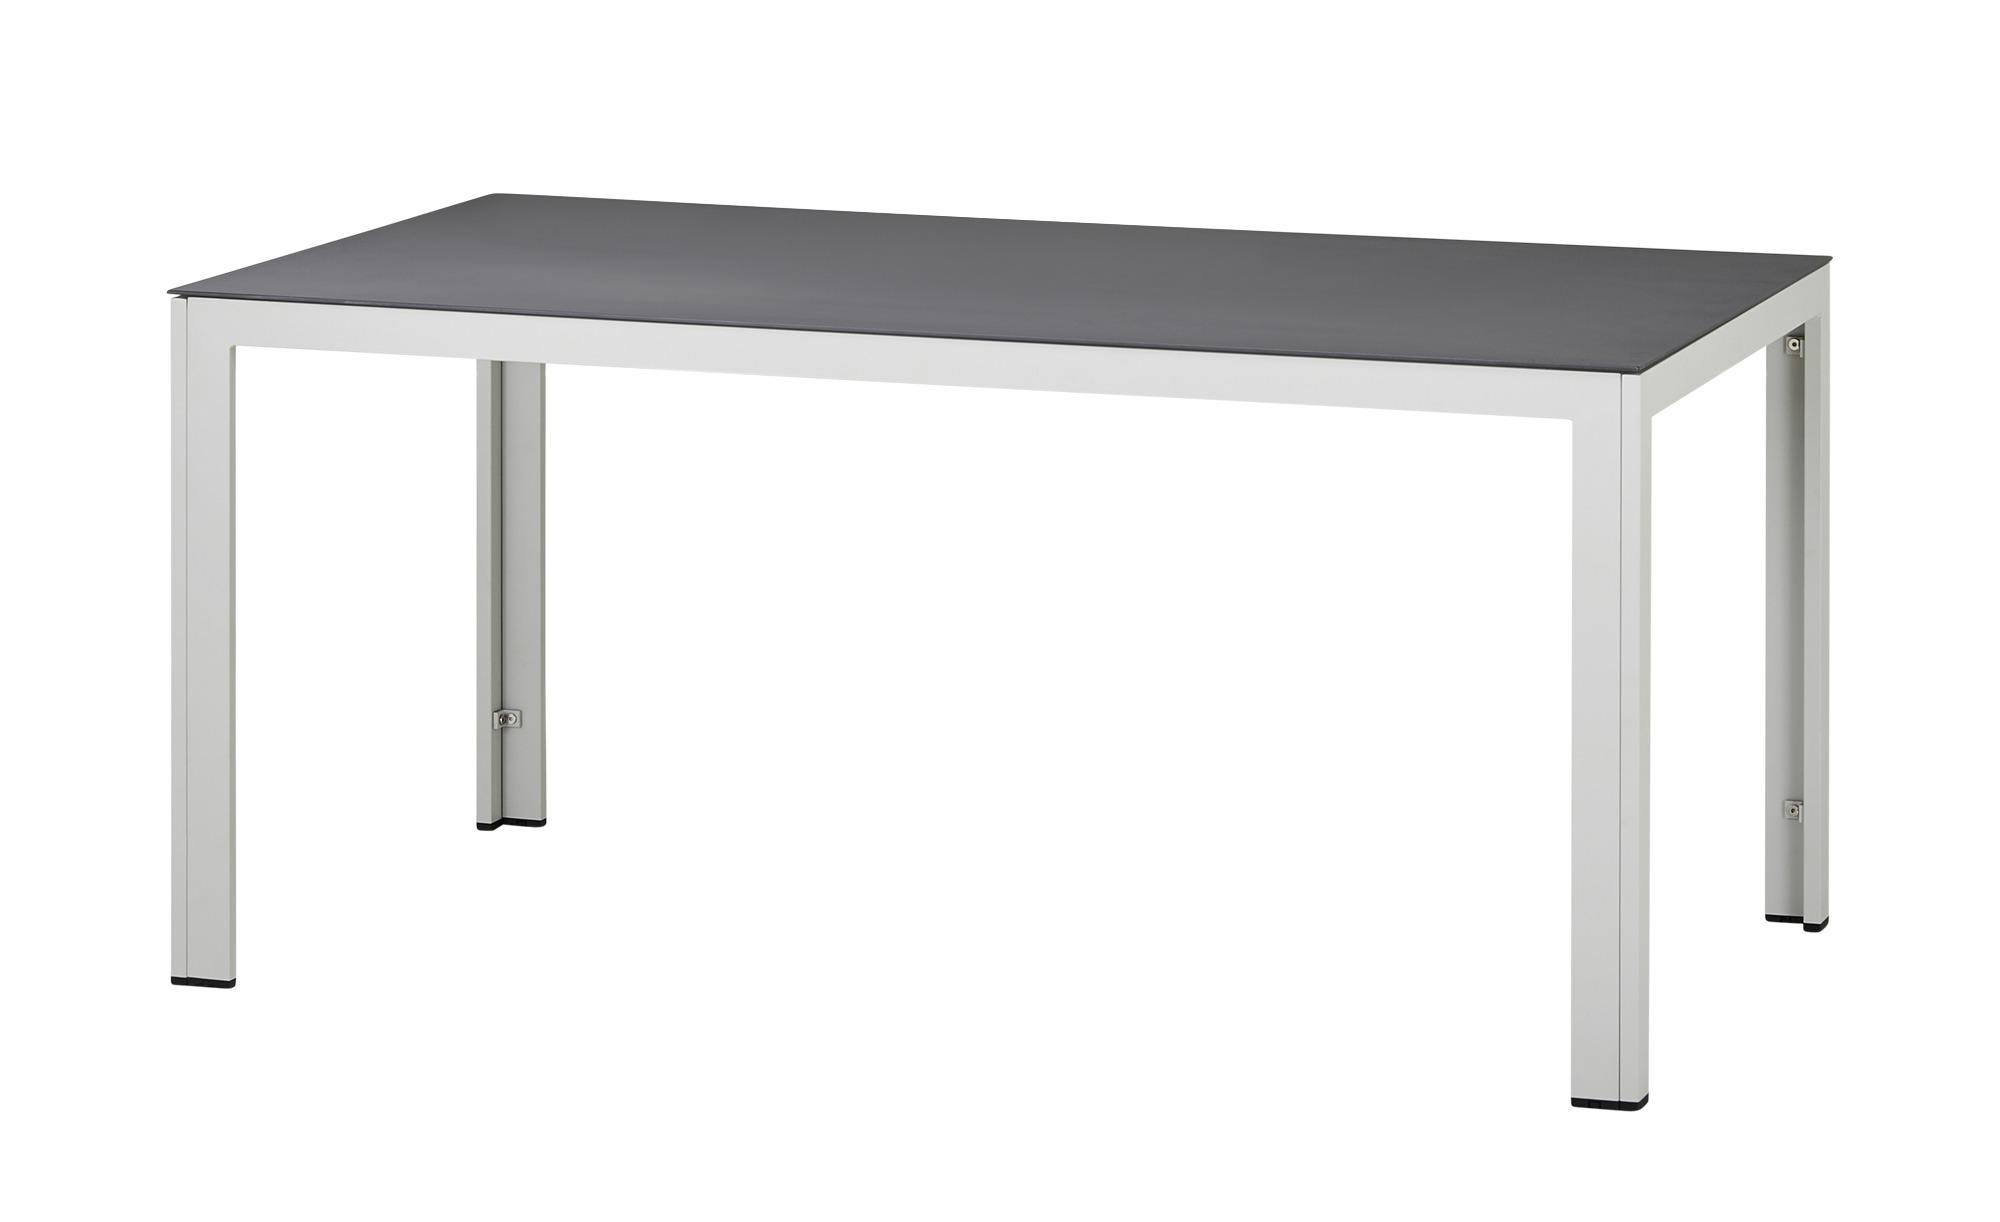 Tisch  Icy ¦ grau ¦ Maße (cm): B: 90 H: 75 Garten > Gartenmöbel > Gartentische - Höffner